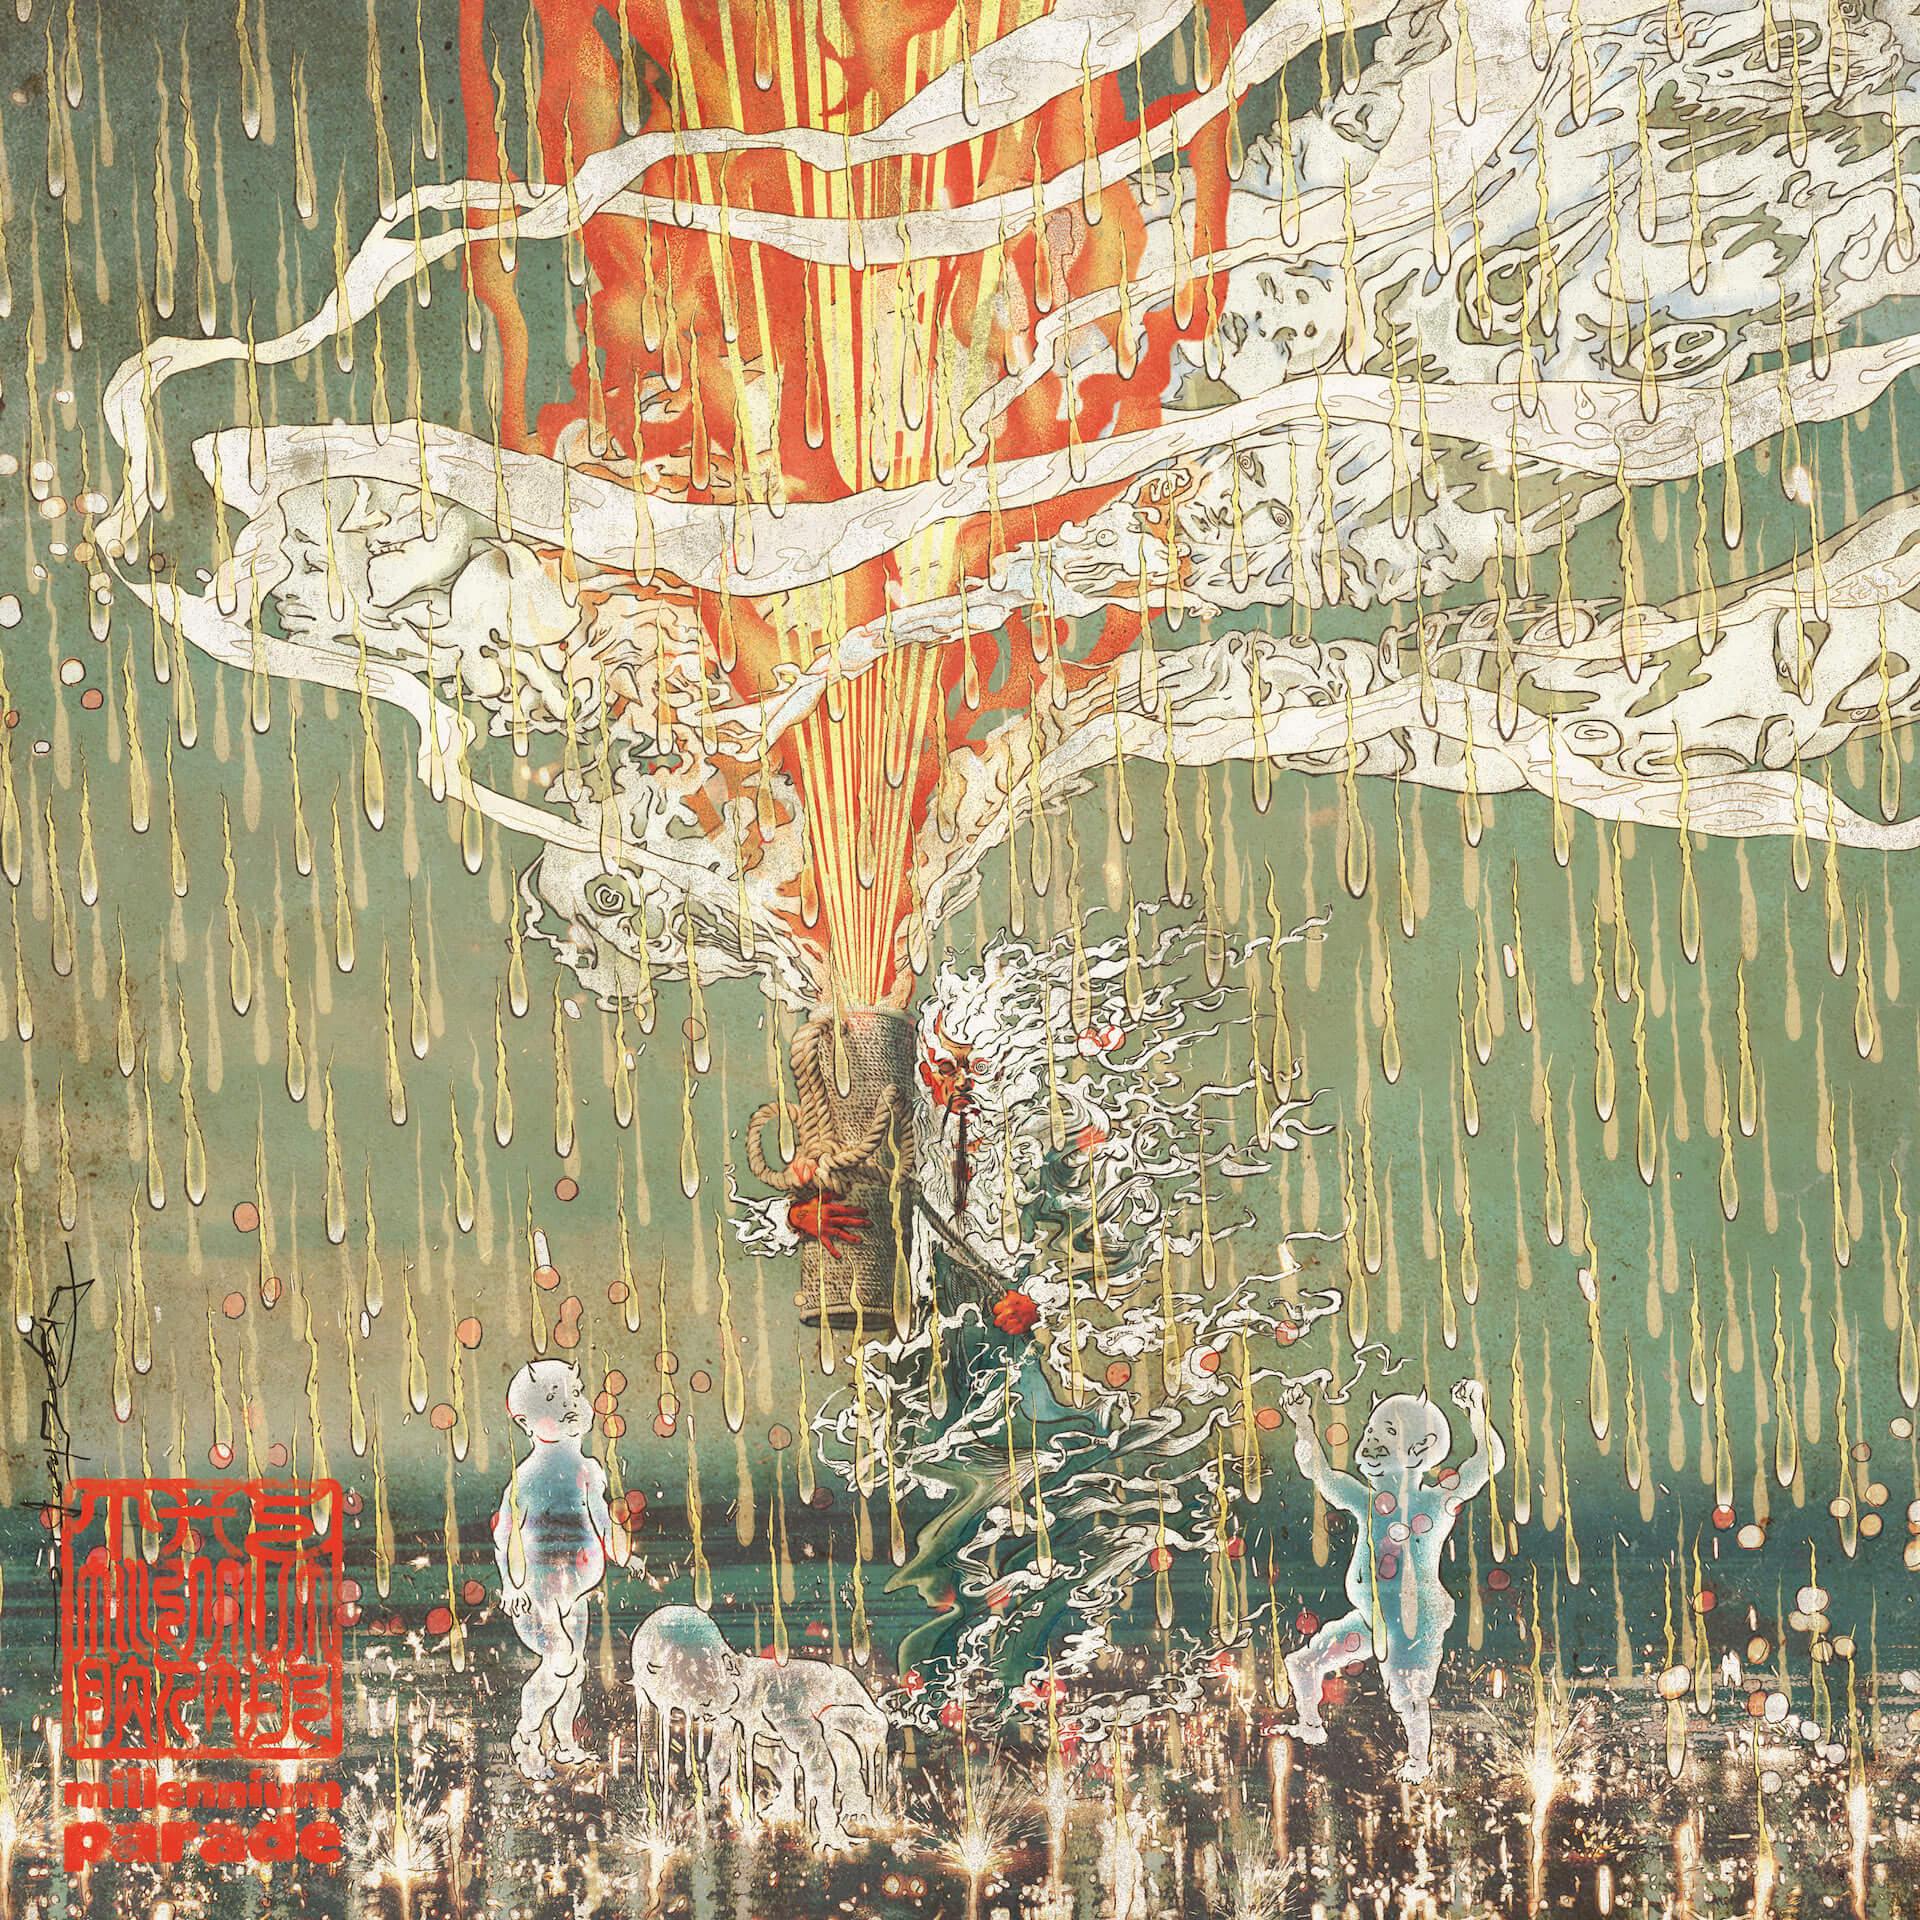 """常田大希率いるmillennium paradeのデビューアルバム収録曲""""Bon Dance""""のワンマンライブ映像が本日プレミア公開決定! music210215_millenniumparade_12"""